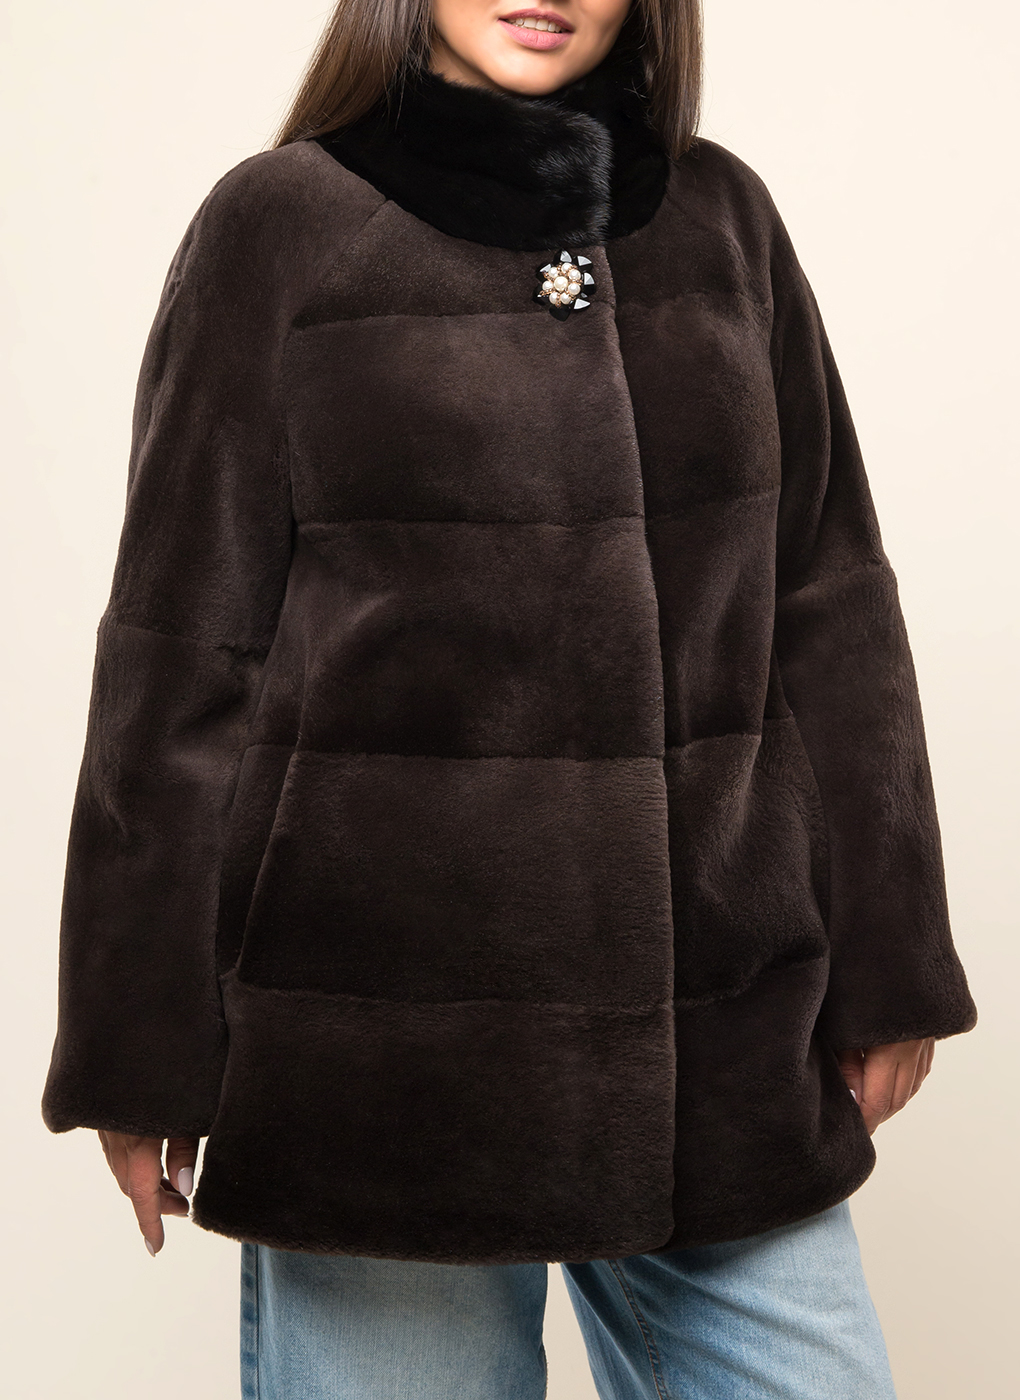 Куртка из нутрии Эмбер 01, Дианель меховой дом